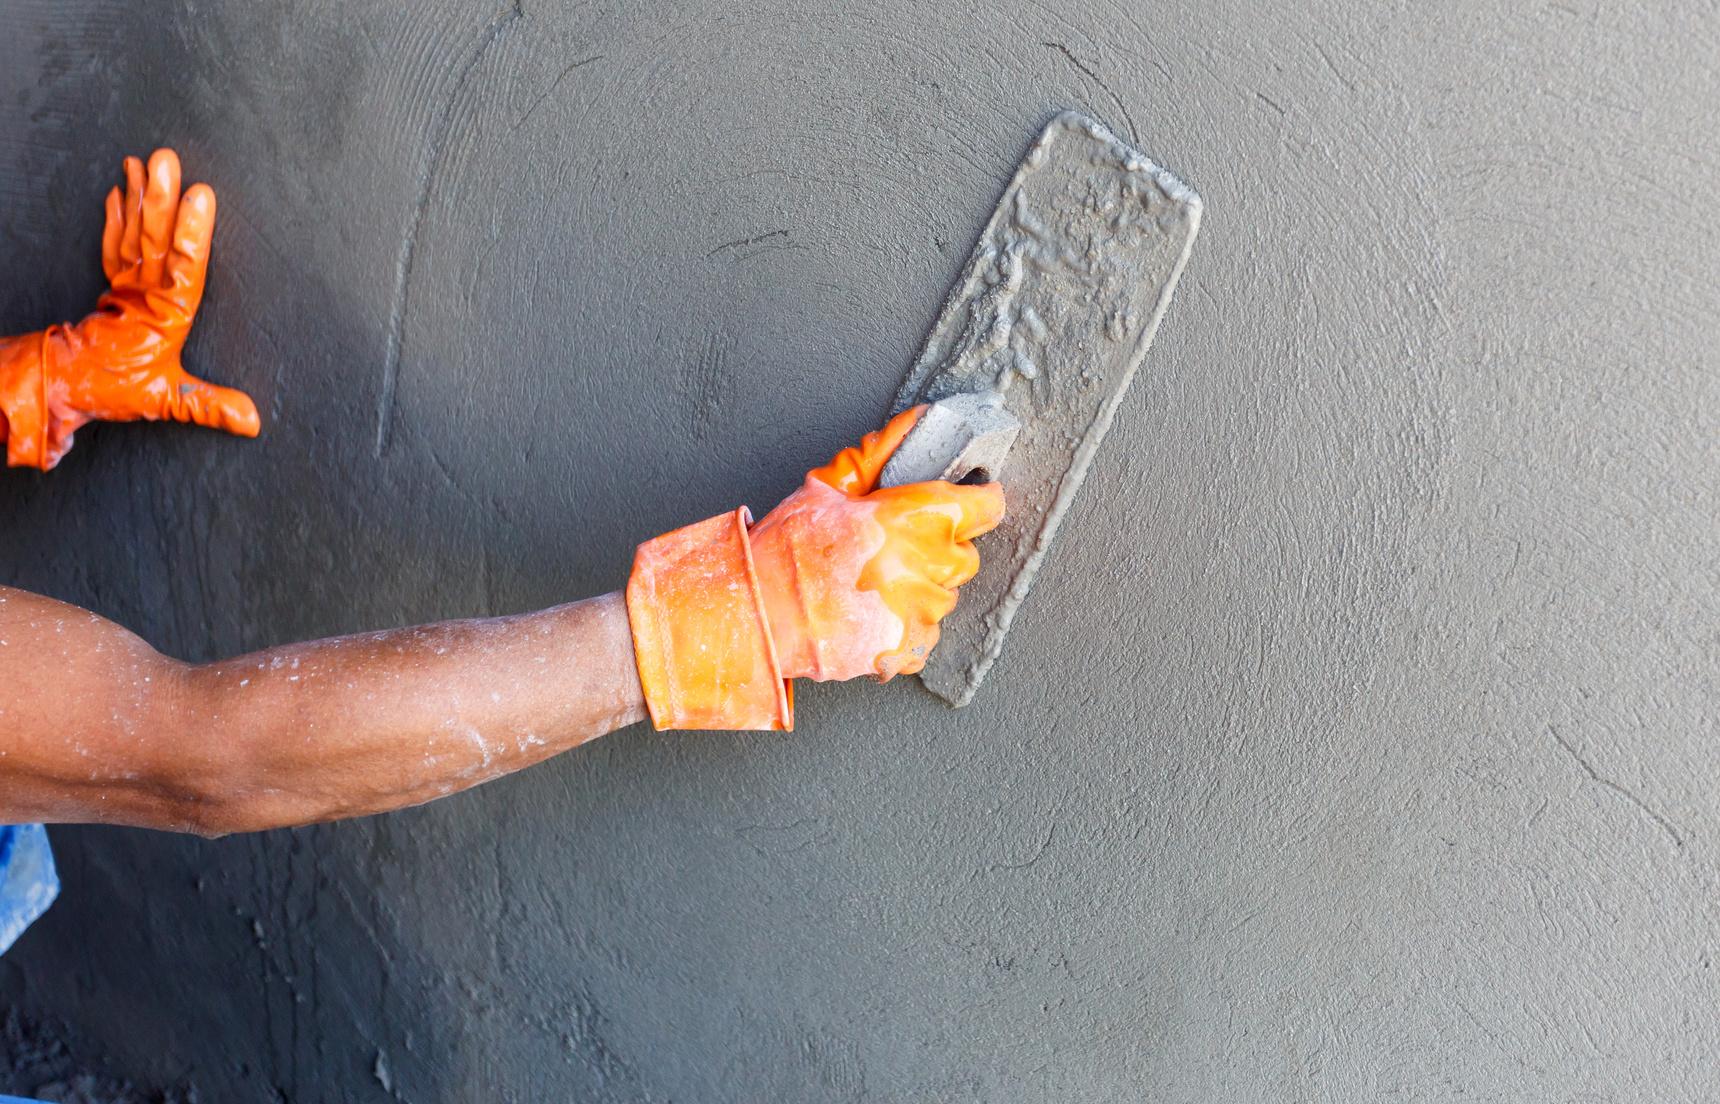 Epaisseur Enduit Sur Parpaing enduit ciment : caractéristiques, prix, pose, devis … toutes